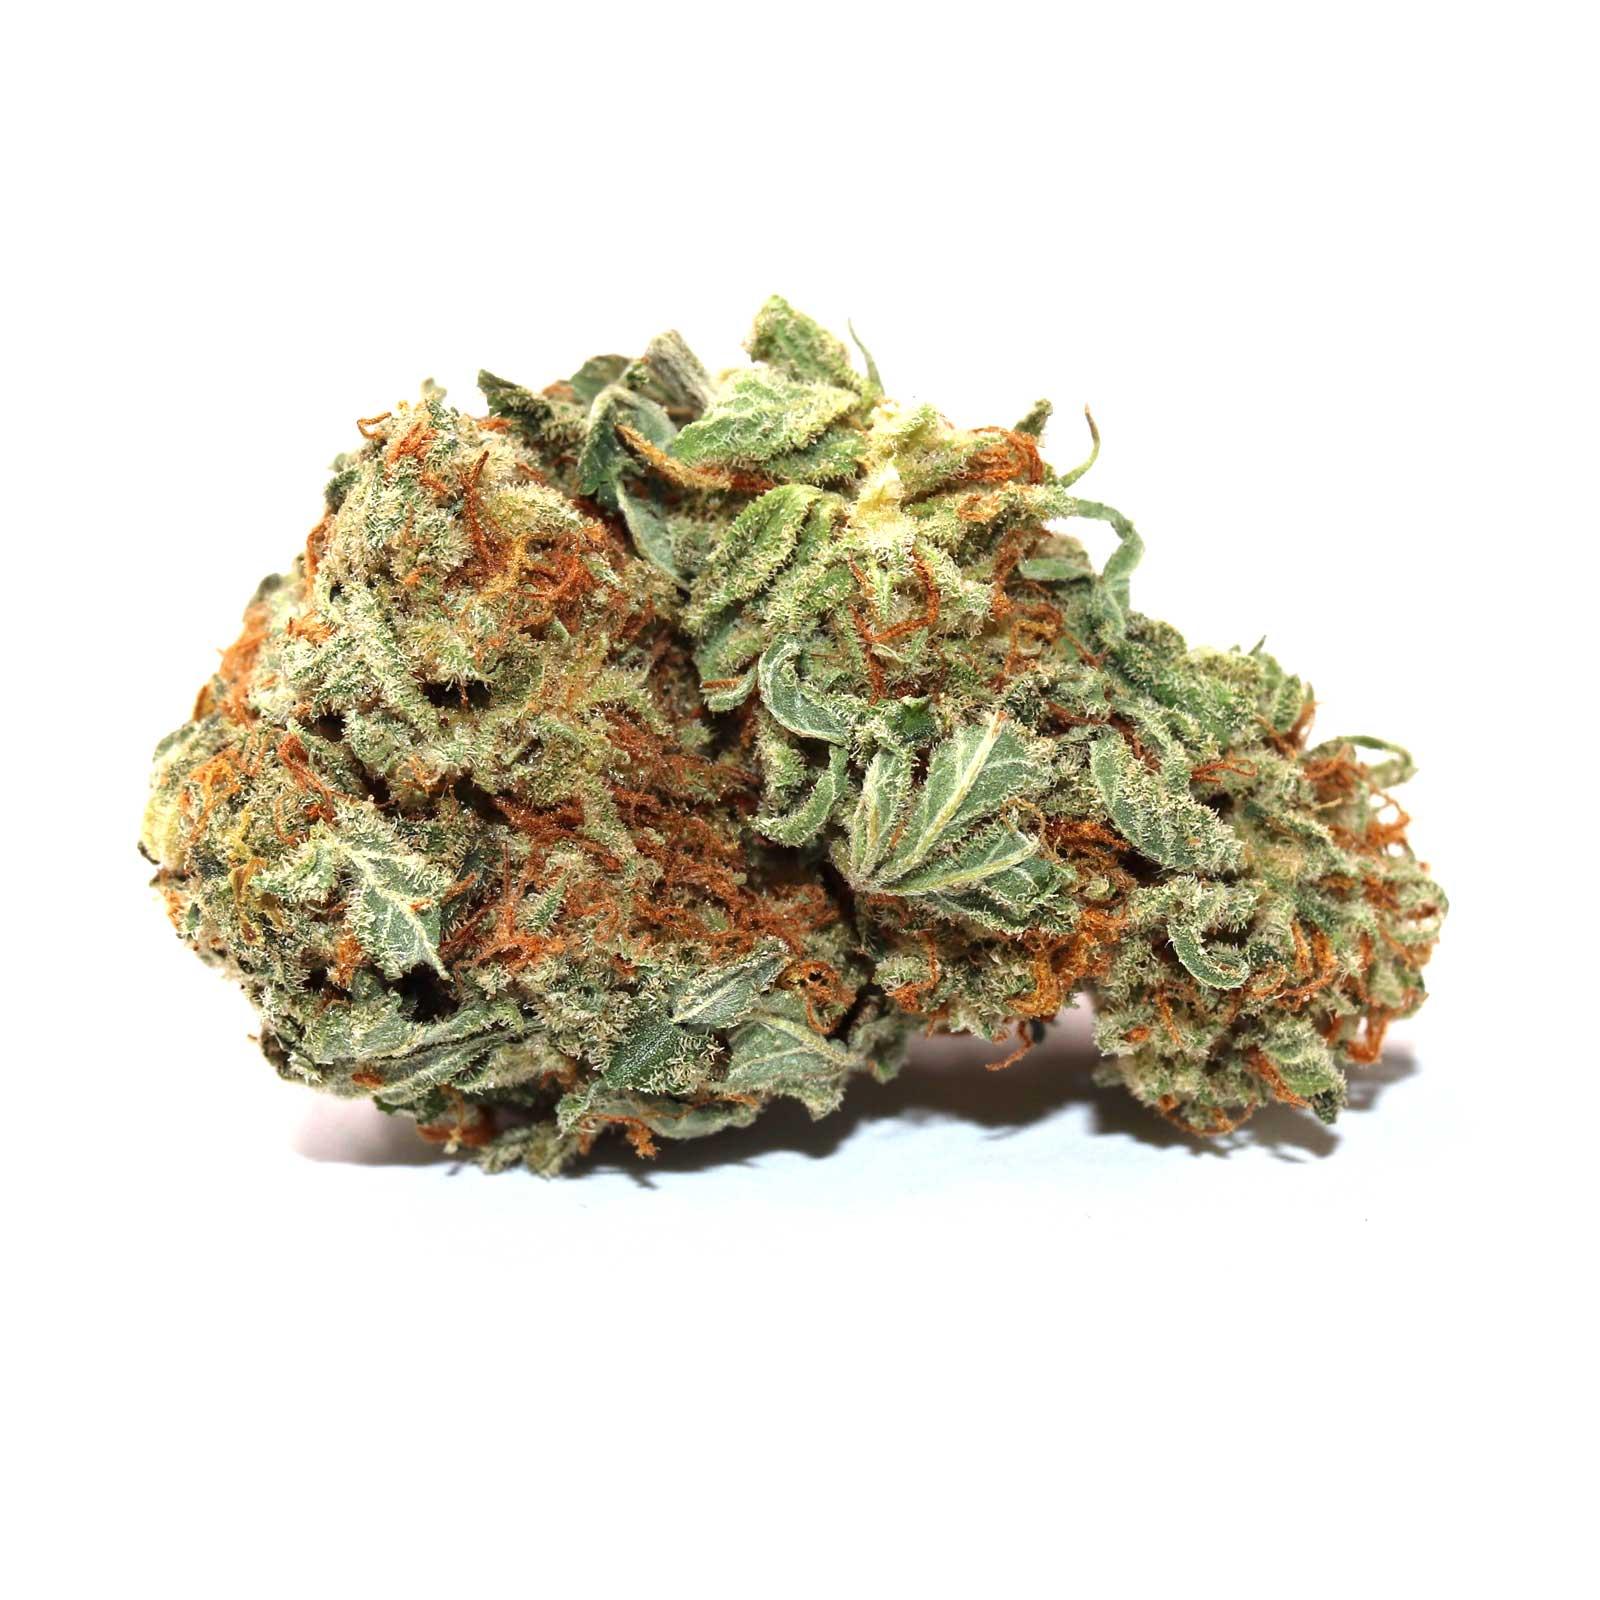 1589581740856_scooby-doo-strain-buy-weed-online-canada.jpg